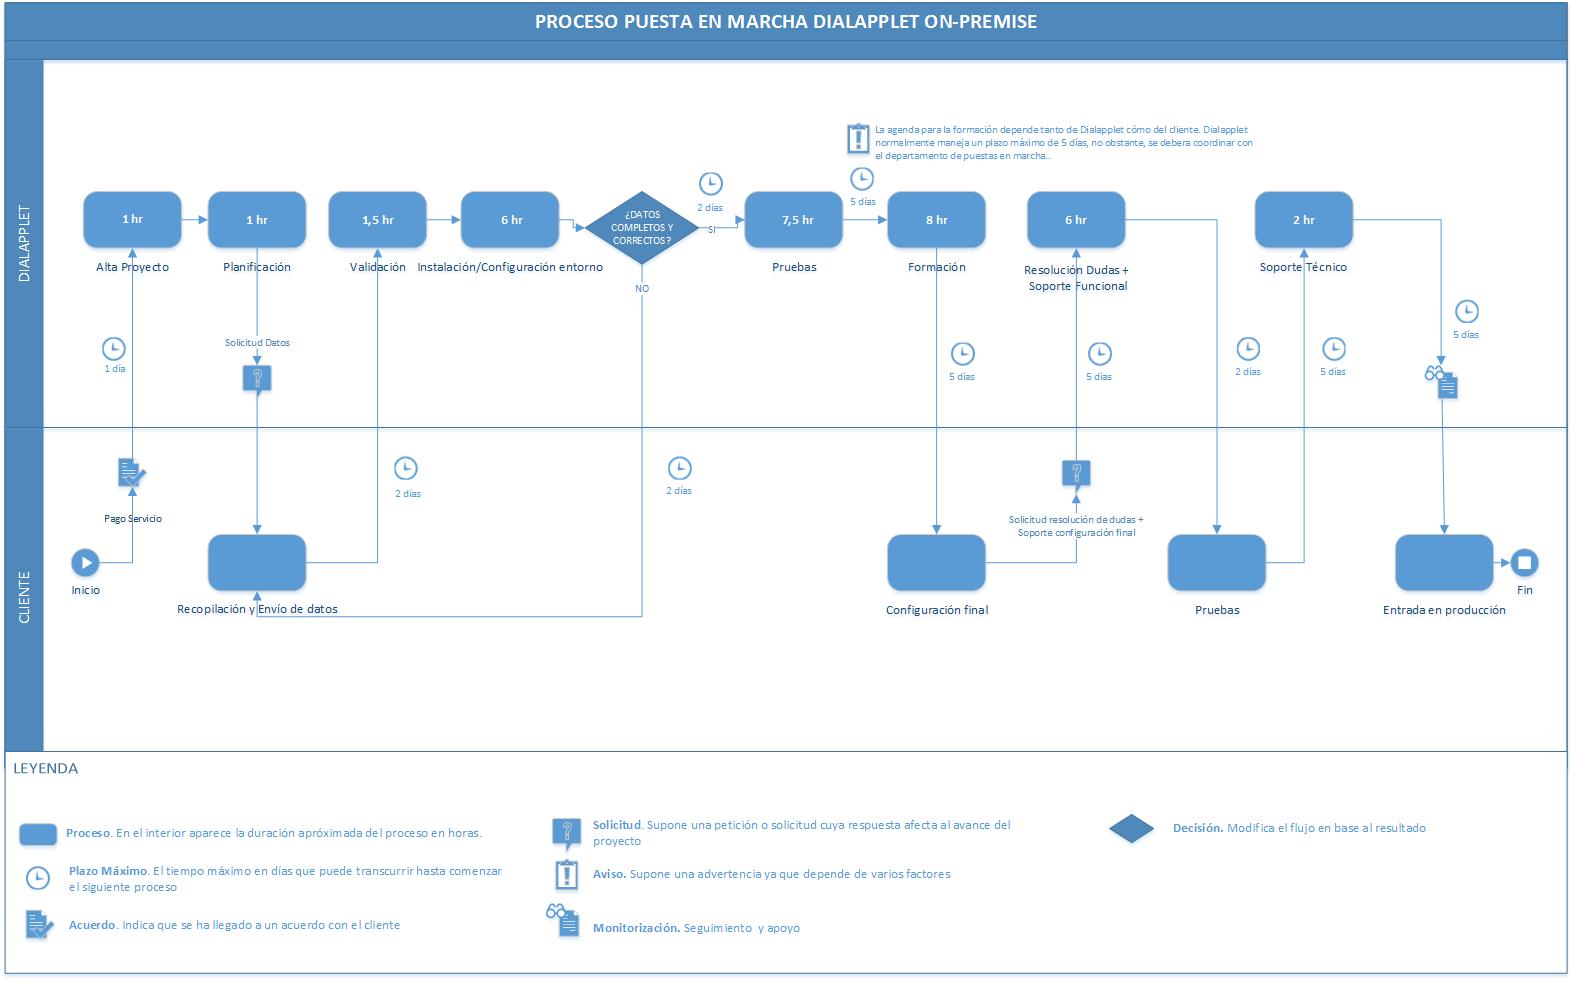 Requisitos y planificación On-Premise en Dialapplet